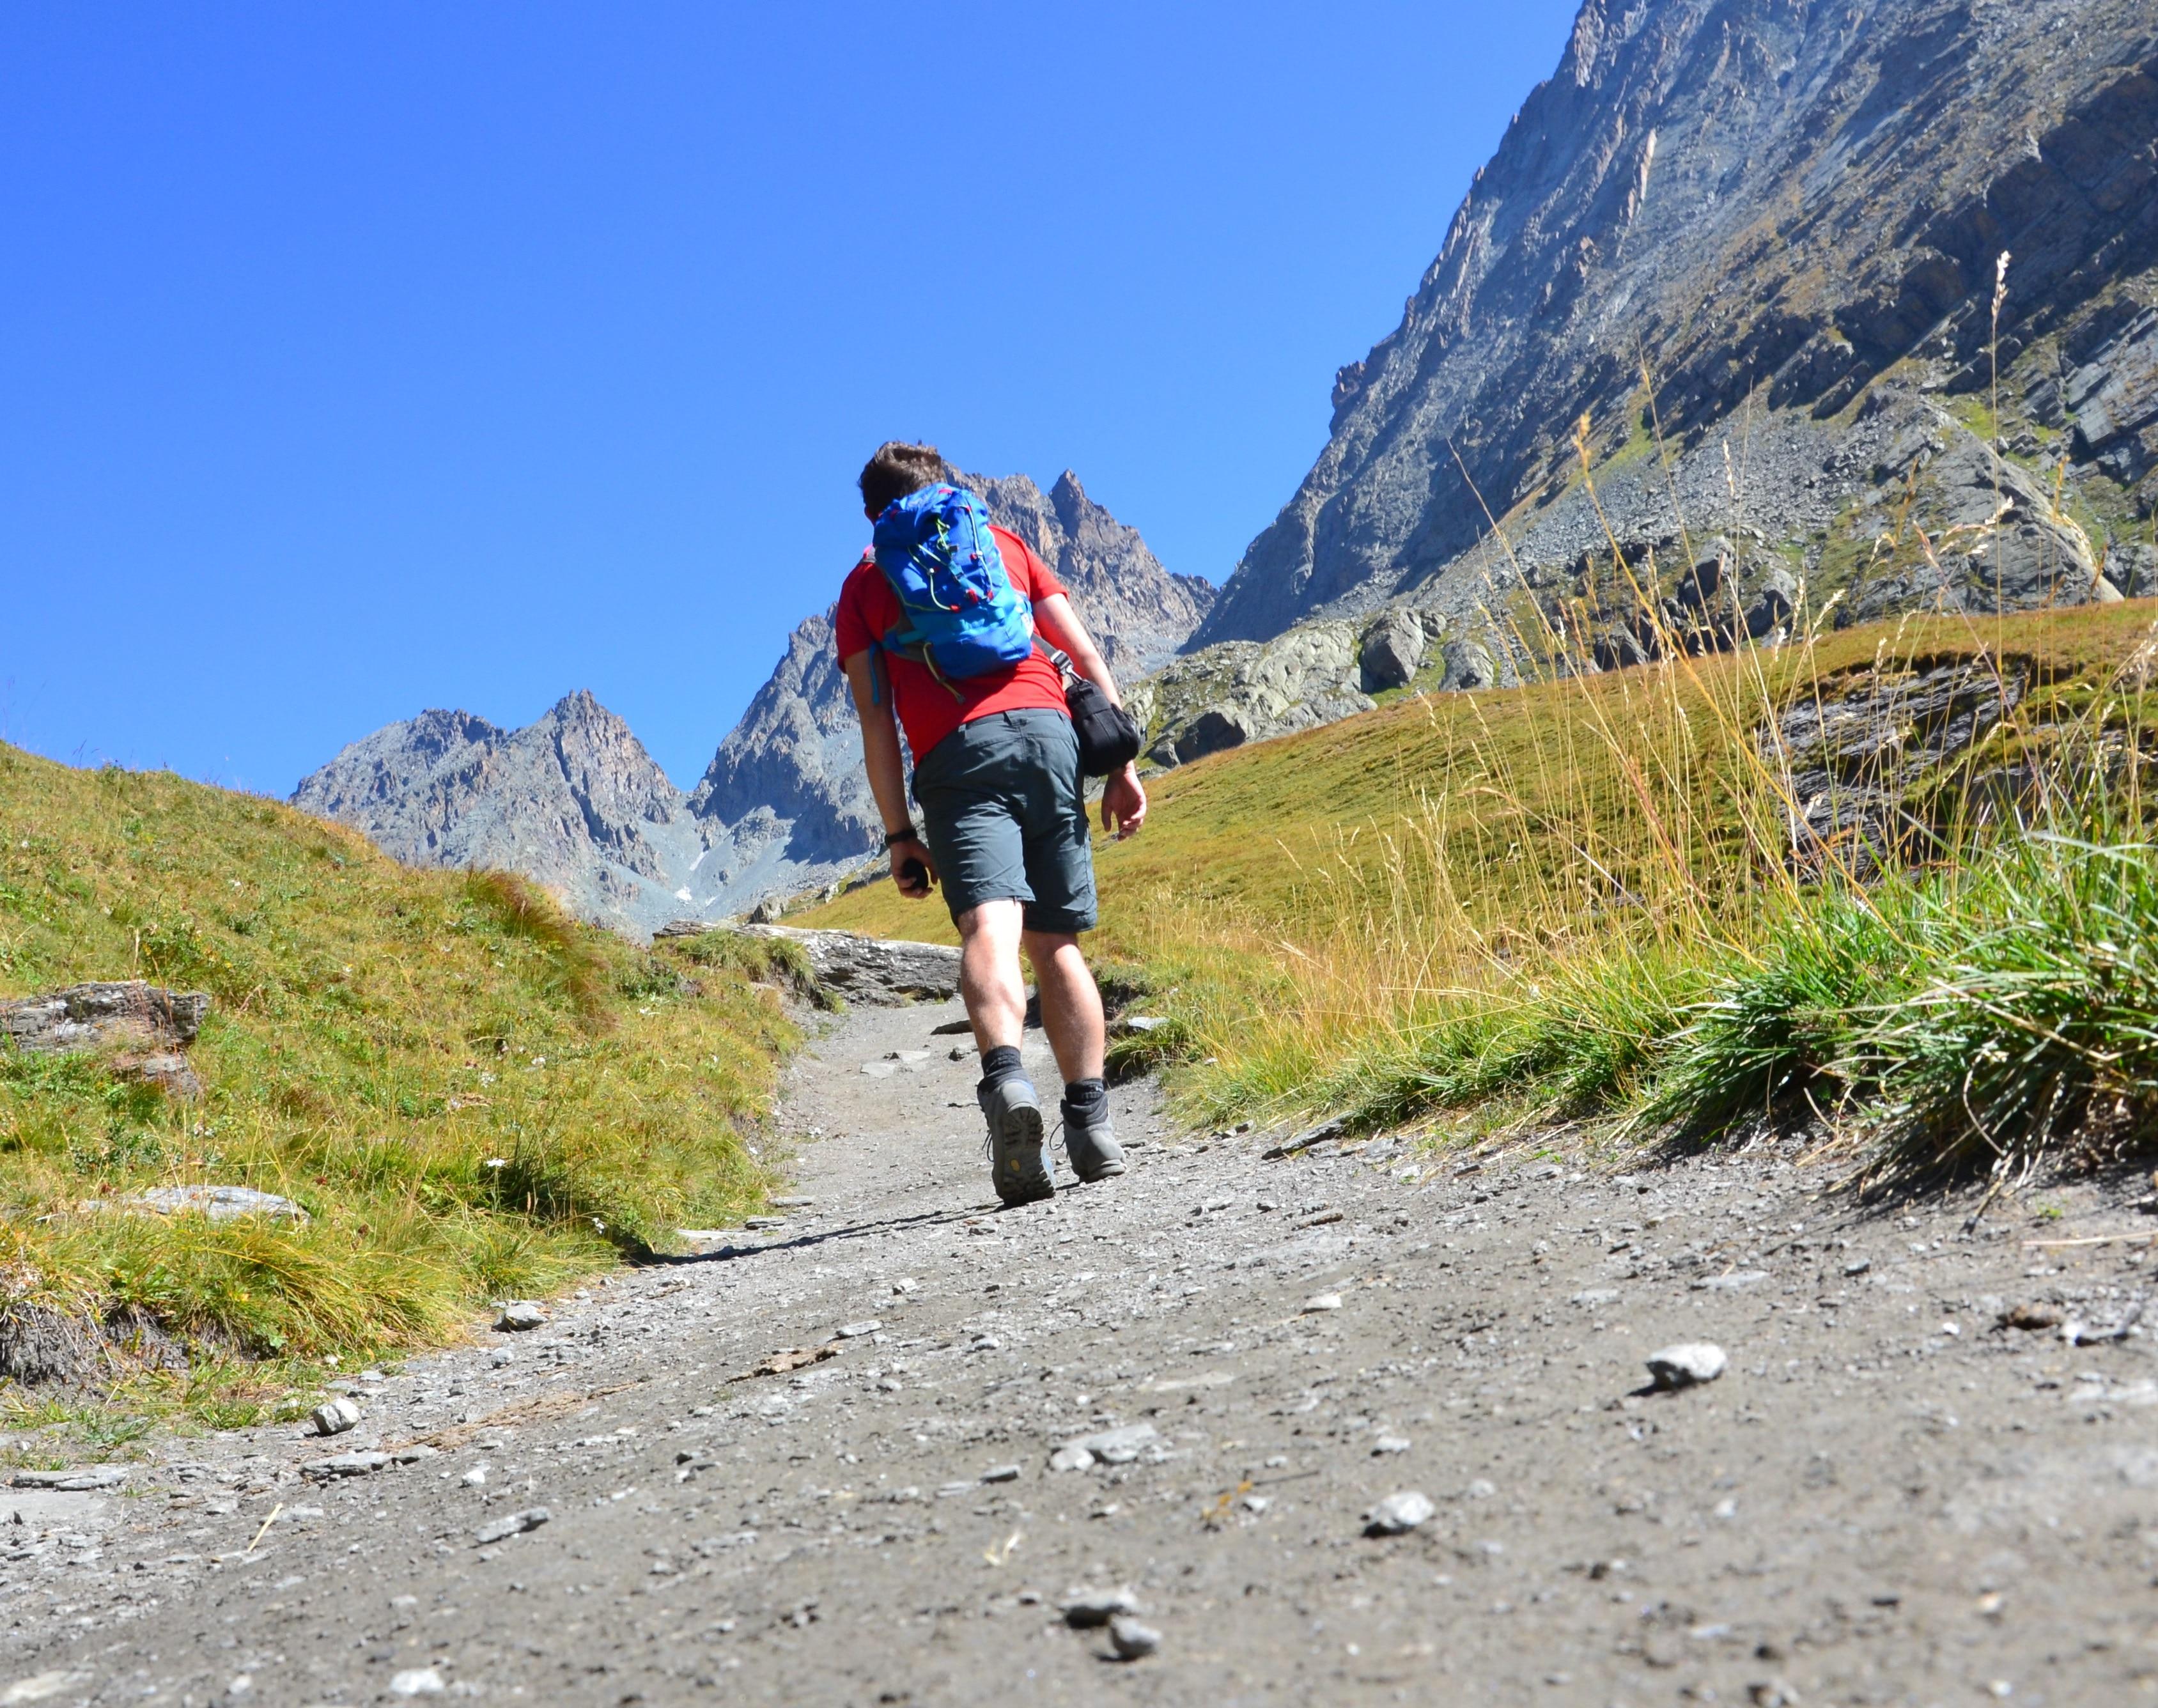 Photo of Turismo sostenibile: si racconta chi viaggia in montagna nel rispetto di ambiente e natura